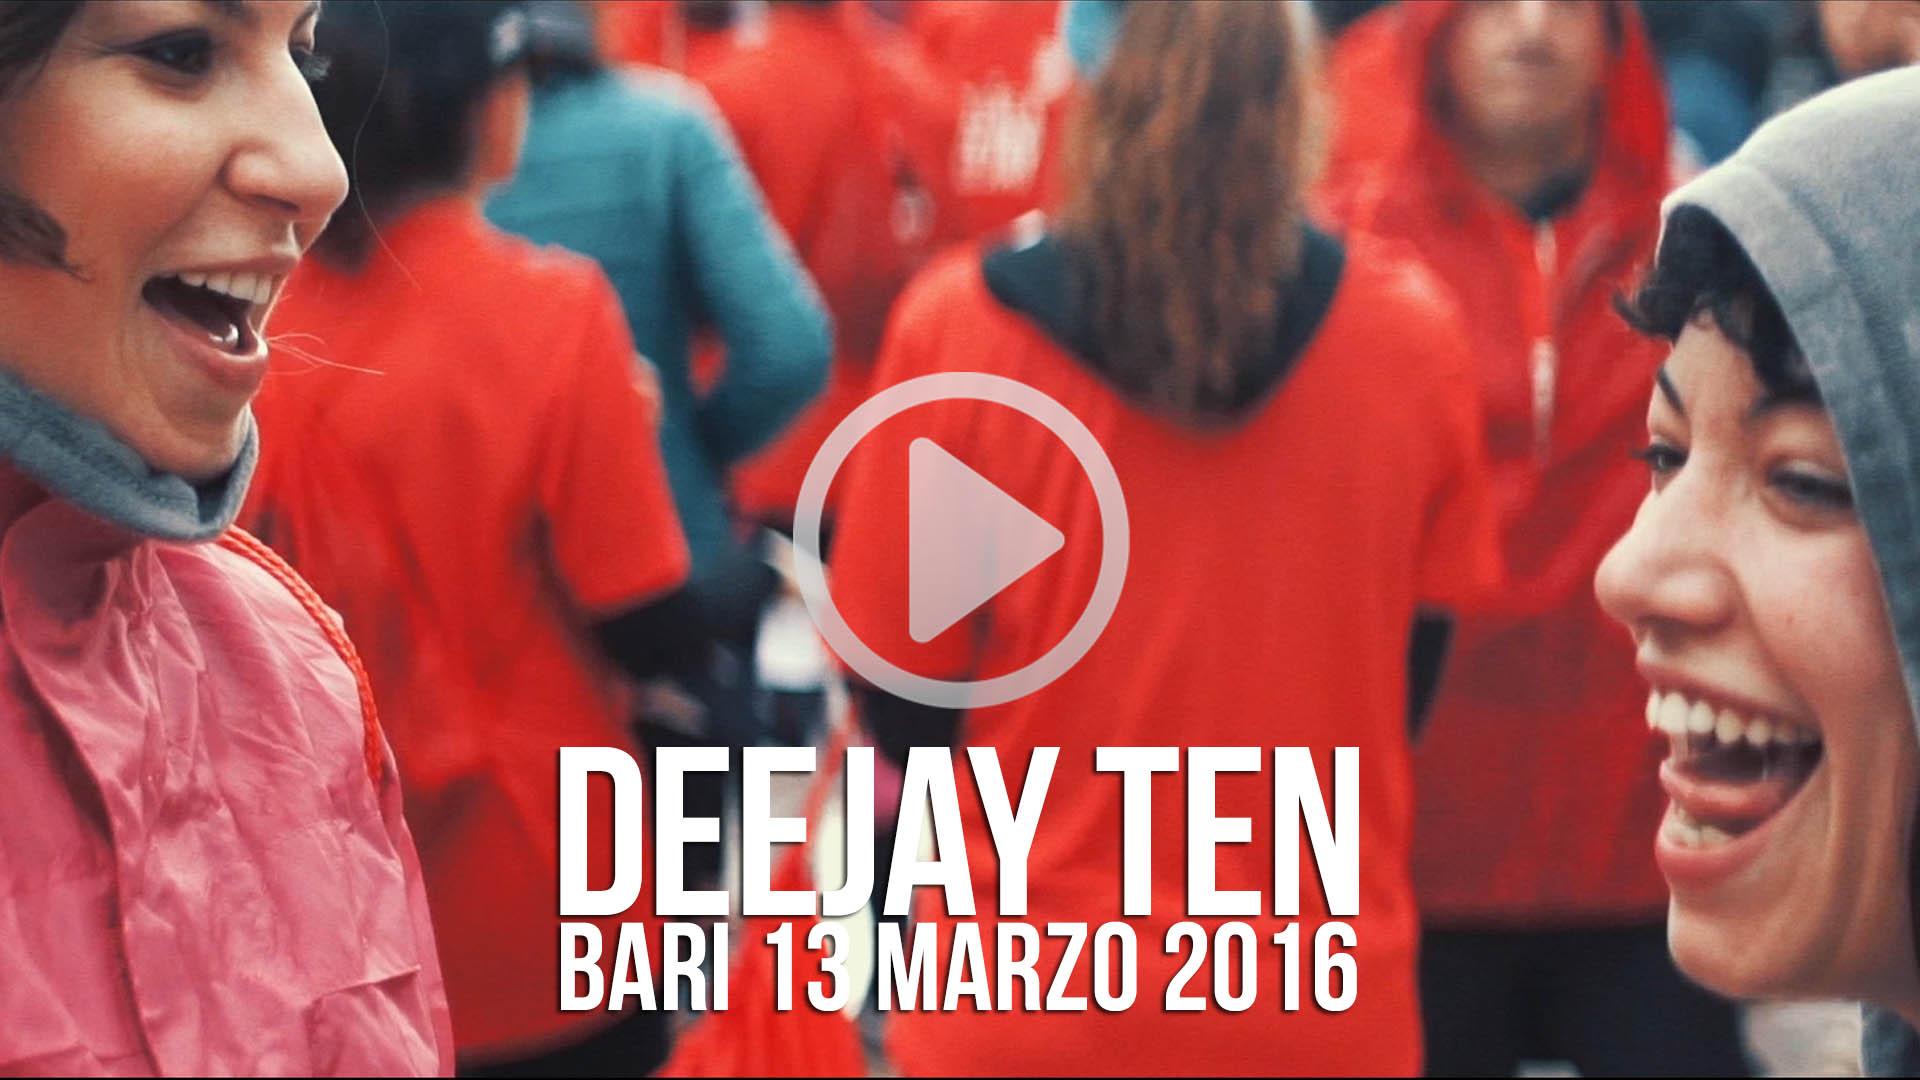 DEEJAY TEN BARI 13 marzo 2016